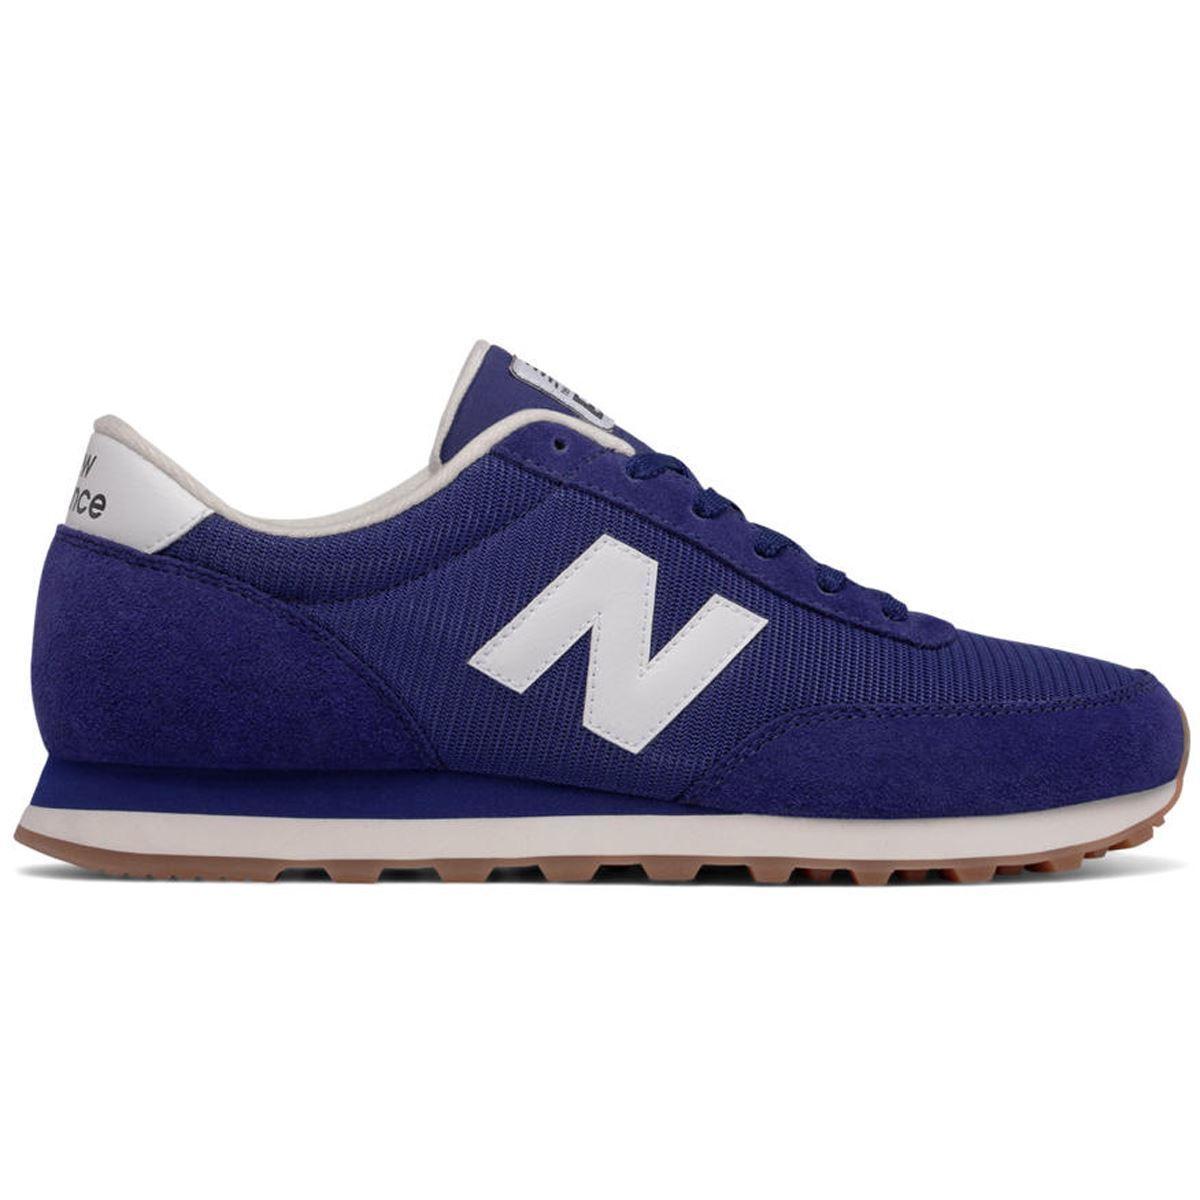 New Balance 501 Running Classics Navy White Mens Trainers